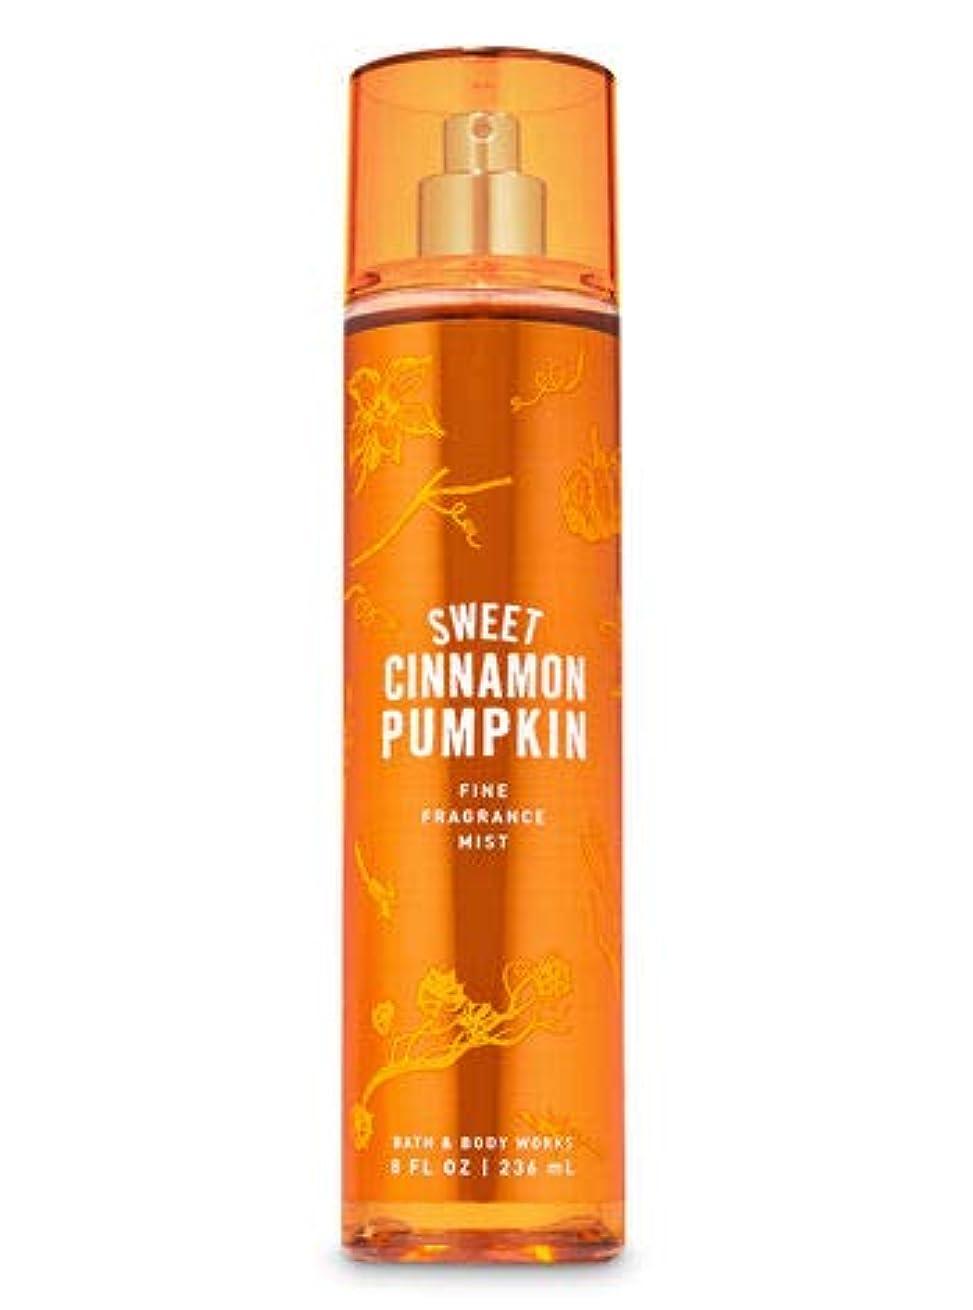 パケットキャンドルホール【Bath&Body Works/バス&ボディワークス】 ファインフレグランスミスト スイートシナモンパンプキン Fine Fragrance Mist Sweet Cinnamon Pumpkin 8oz (236ml) [並行輸入品]